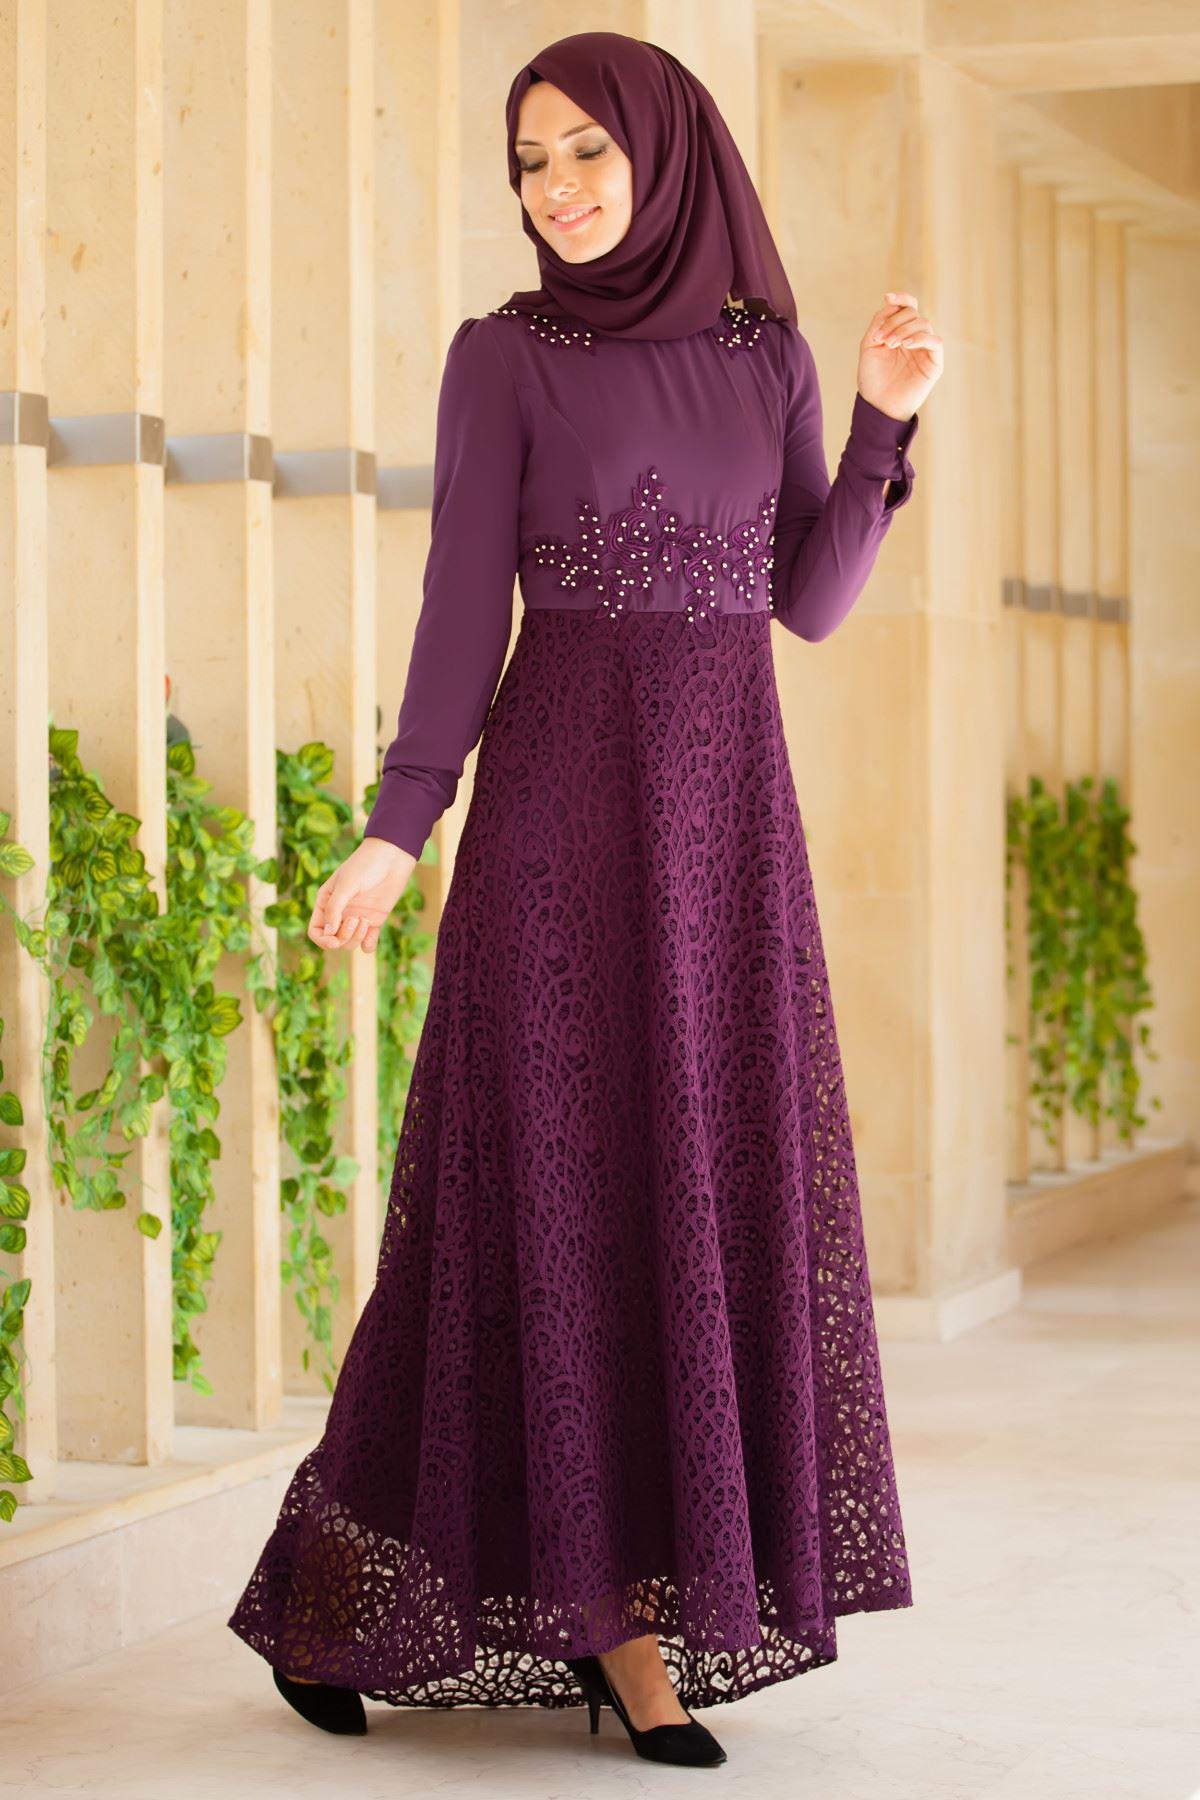 2018 Patirti.Com Tesettur Abiye Modelleri 4 - 2018 Sedanur Tesettür Abiye Elbise Modelleri